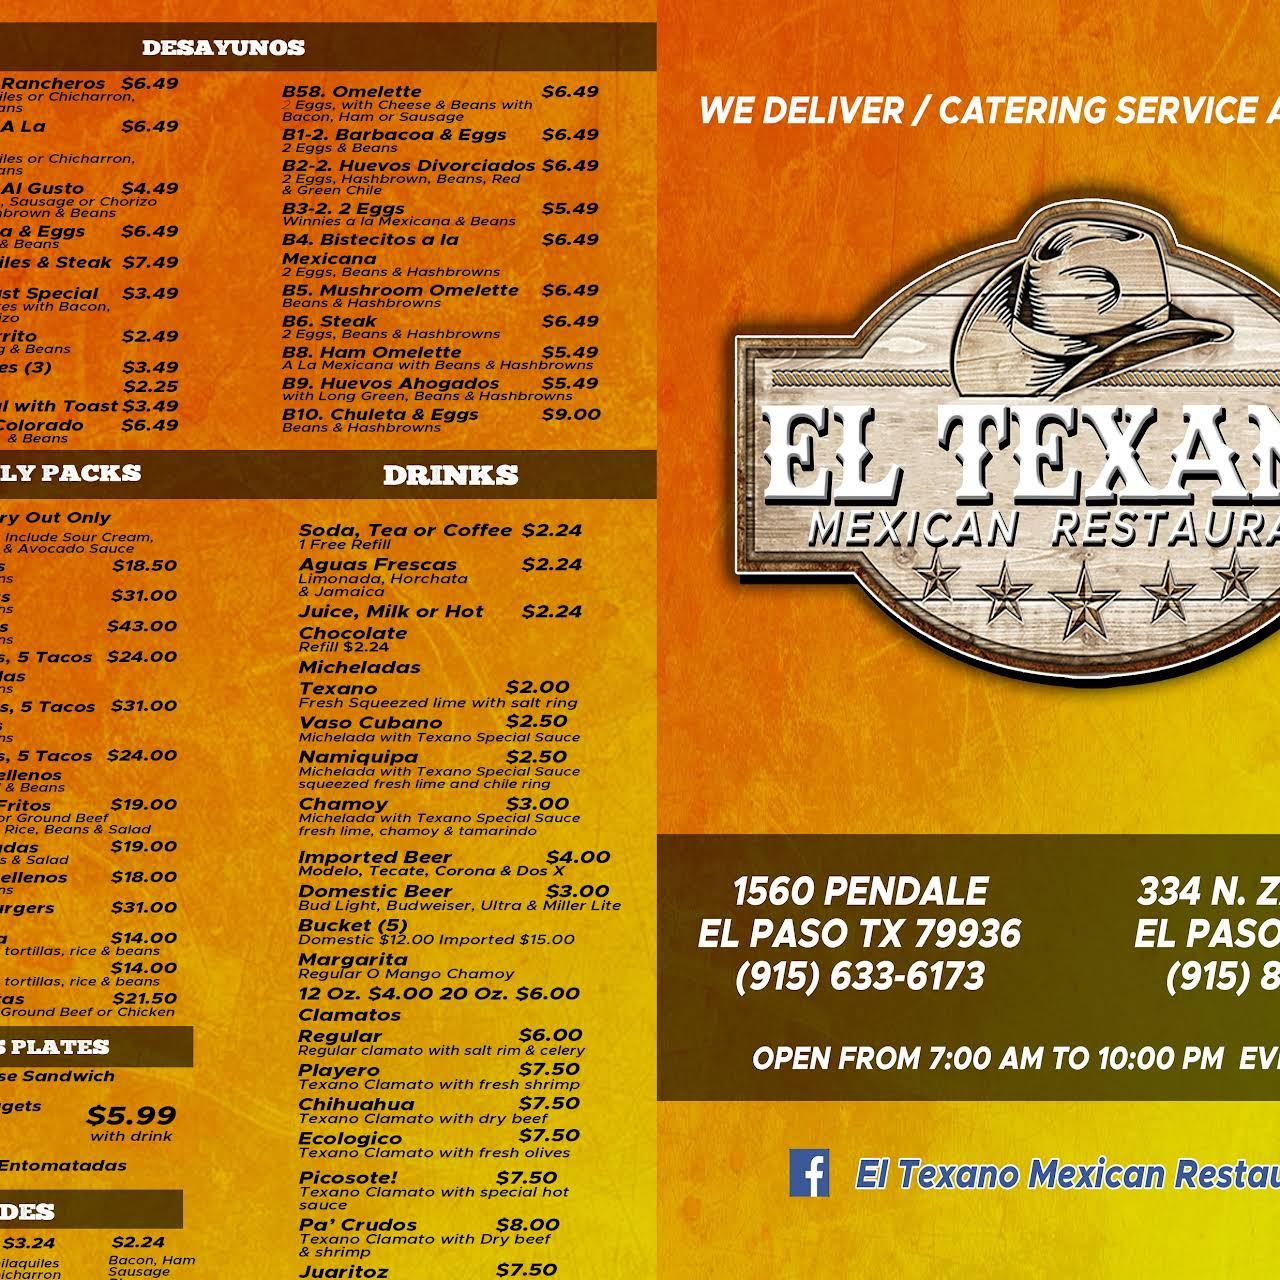 El Texano Mexican Restaurant